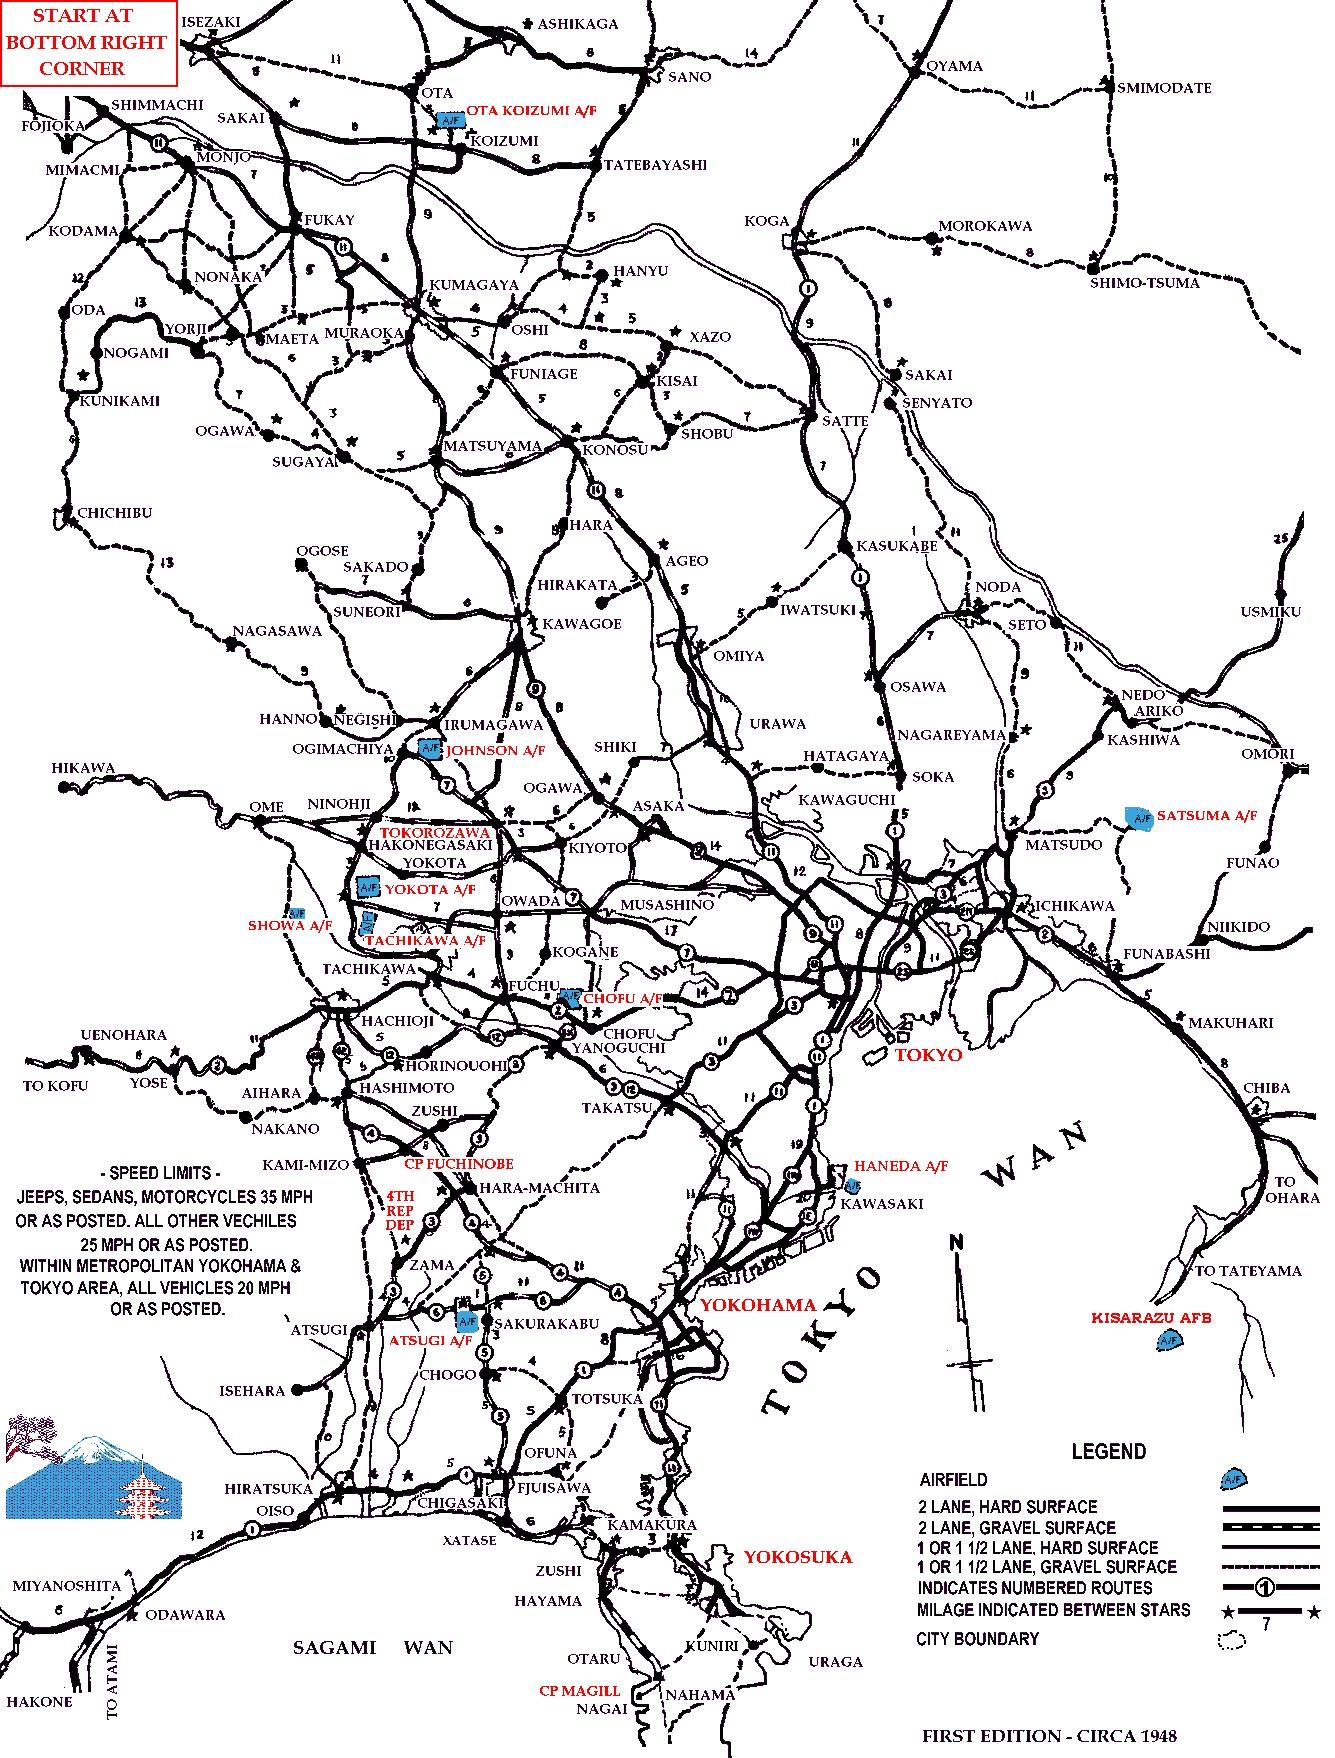 Yosha Bunko Swan From Prison Break Diagram Origami Shrine 1949 Kanto Map